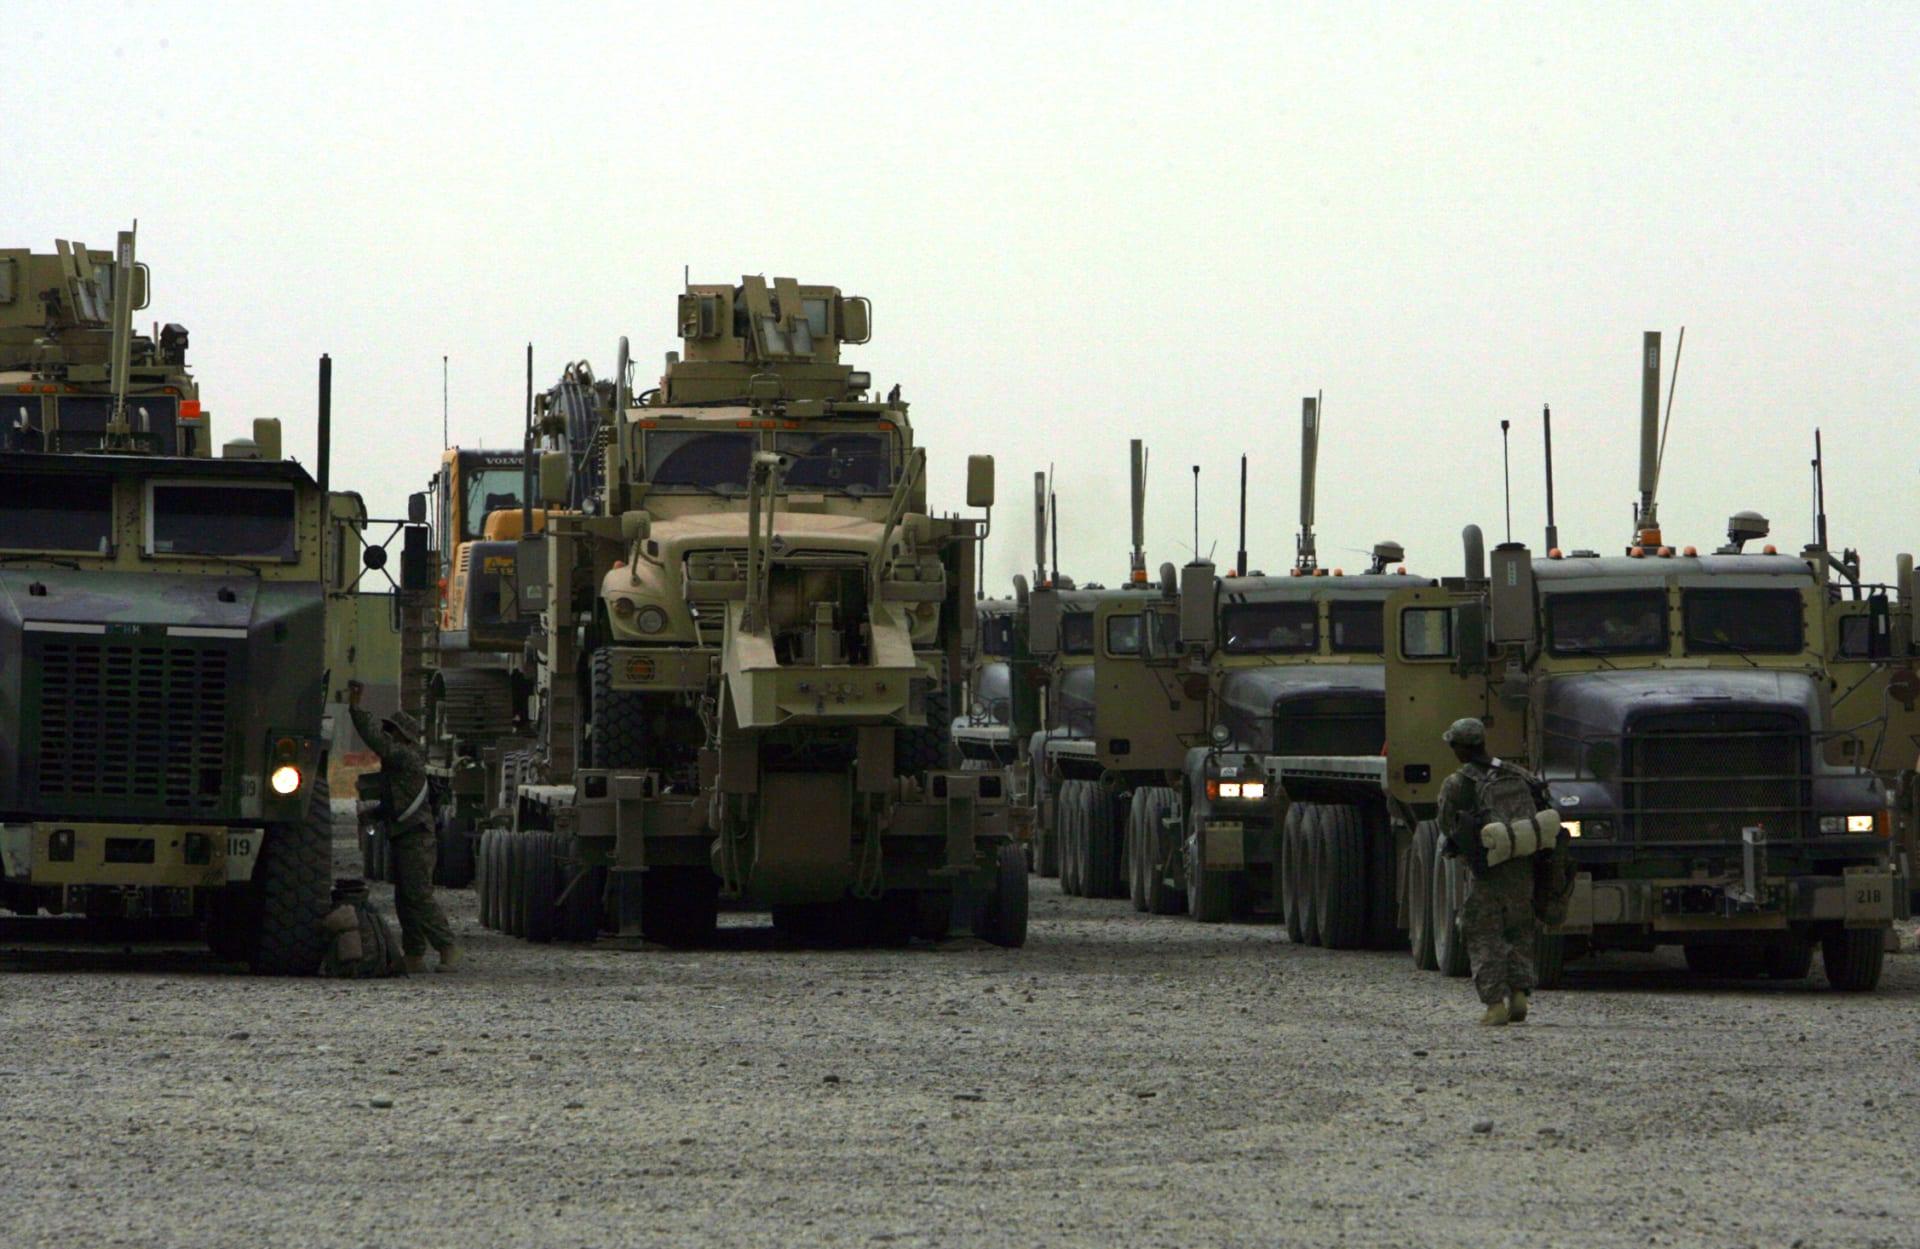 الجيش العراقي يؤكد حدوث انفجارين في قاعدة سبايكر بمحافظة صلاح الدين